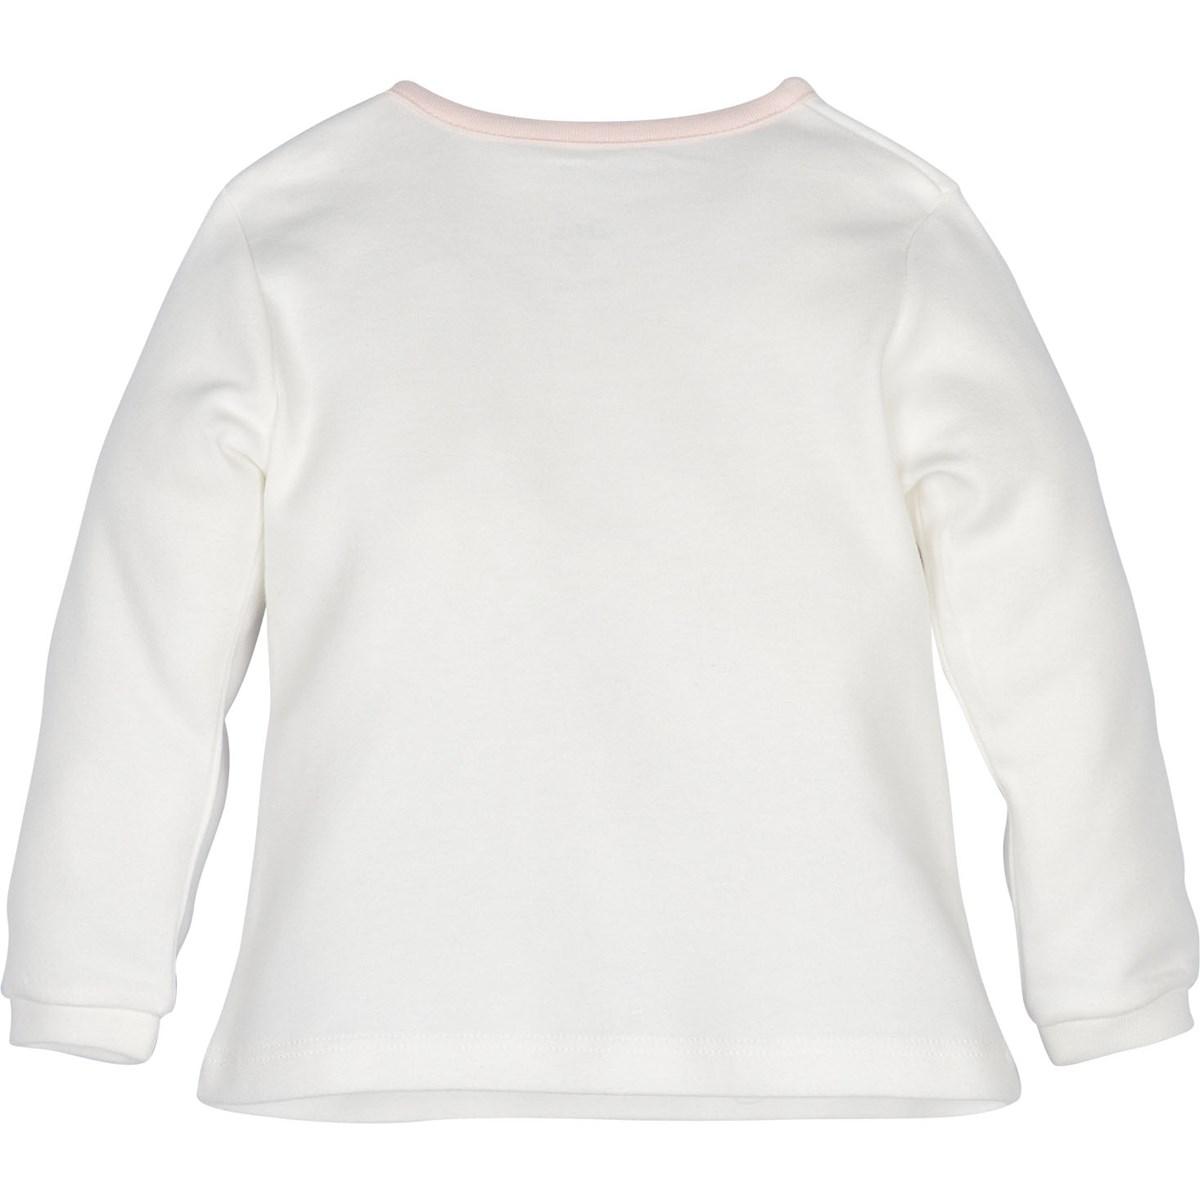 10489 Hirka/T-Shirt 2